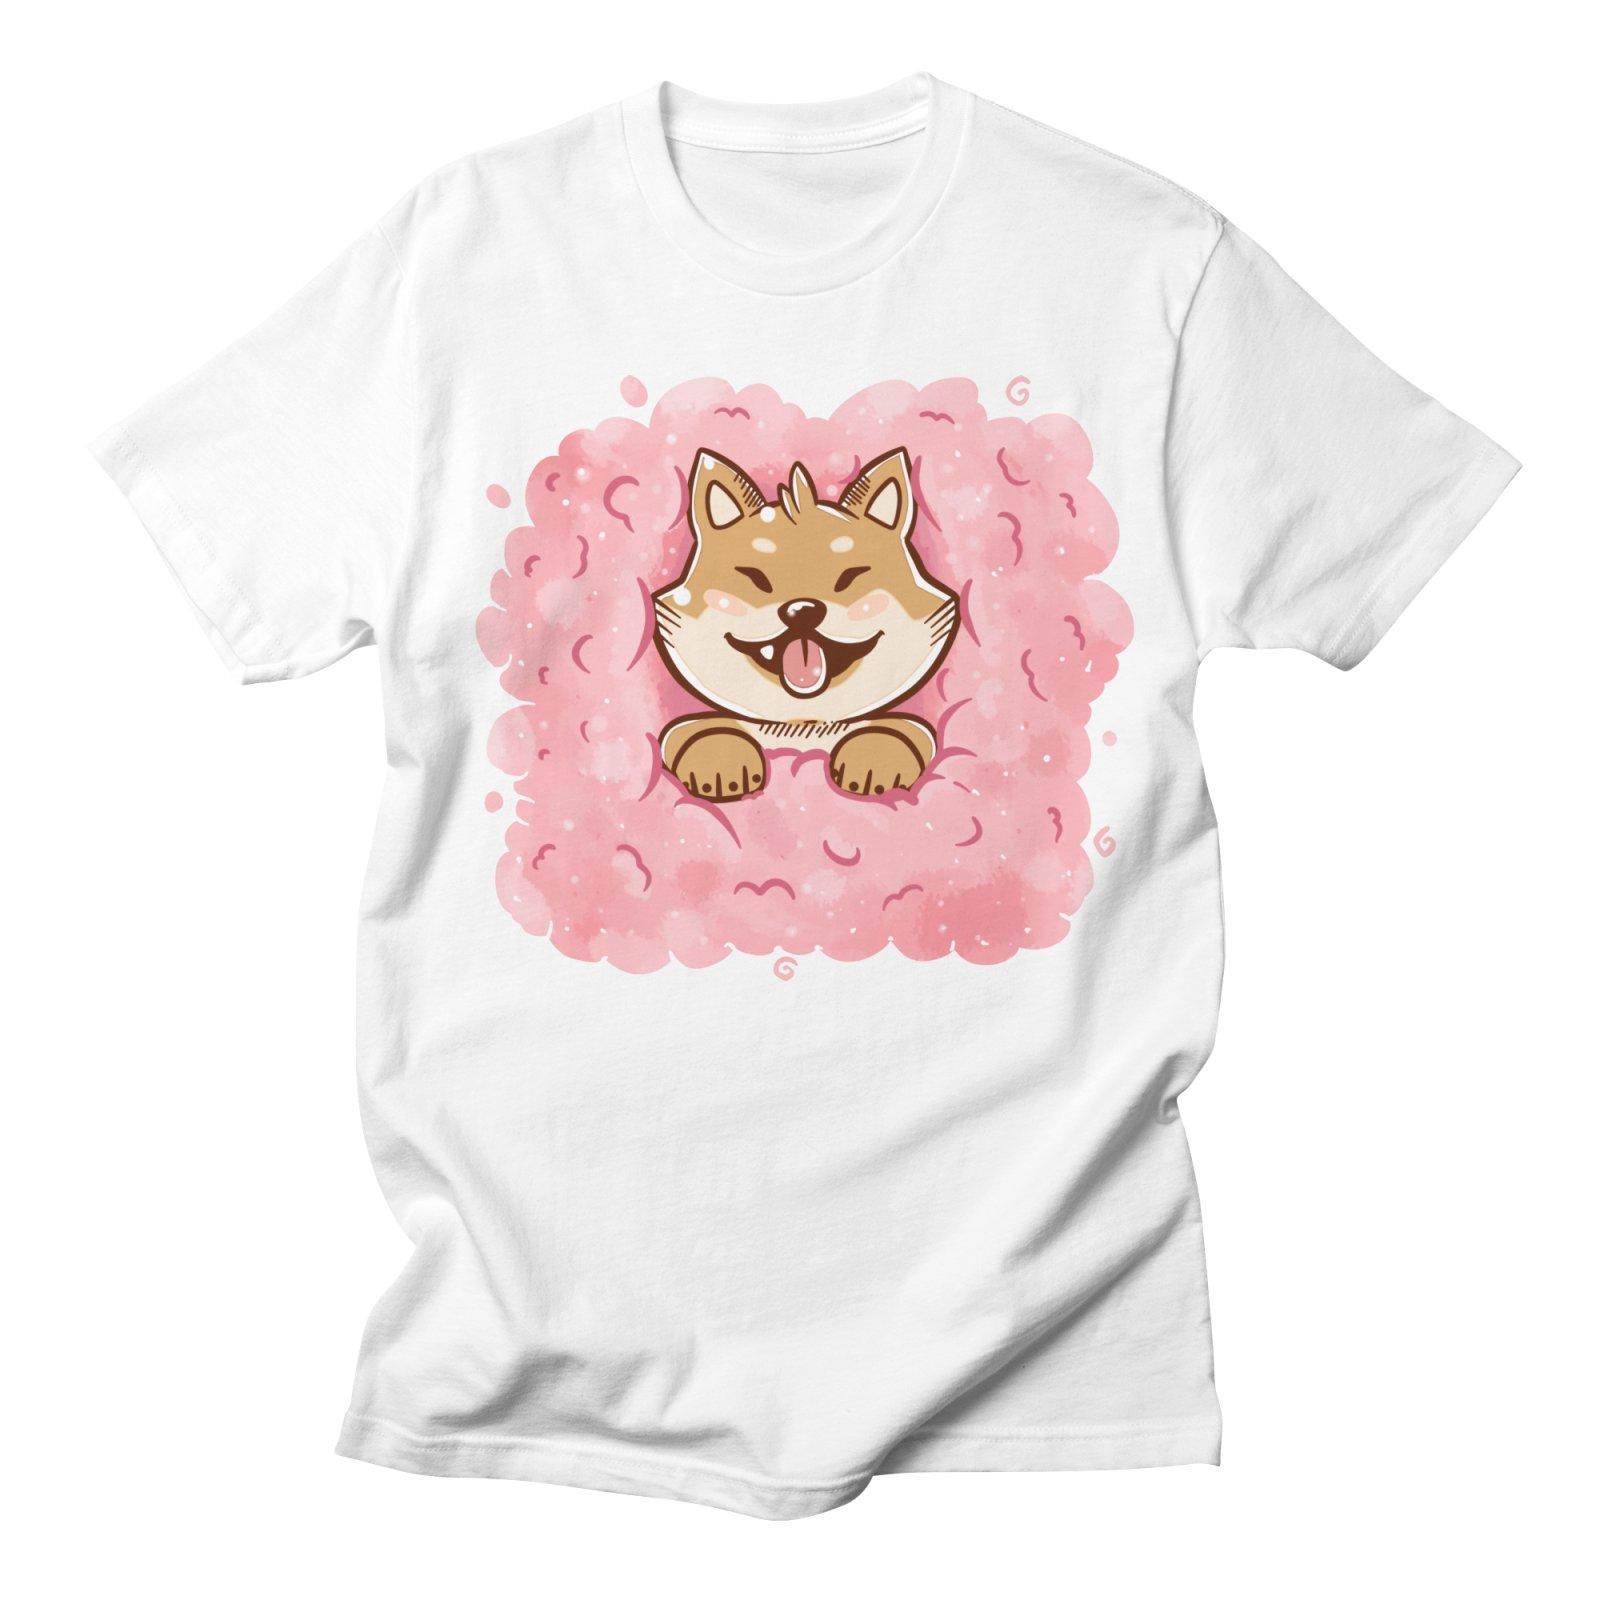 Shiba Inu T-shirts femmes T-shirts Mode Kawaii doux Streetwear Harajuku de haute qualité d'été style décontracté T-shirt mignon Femme